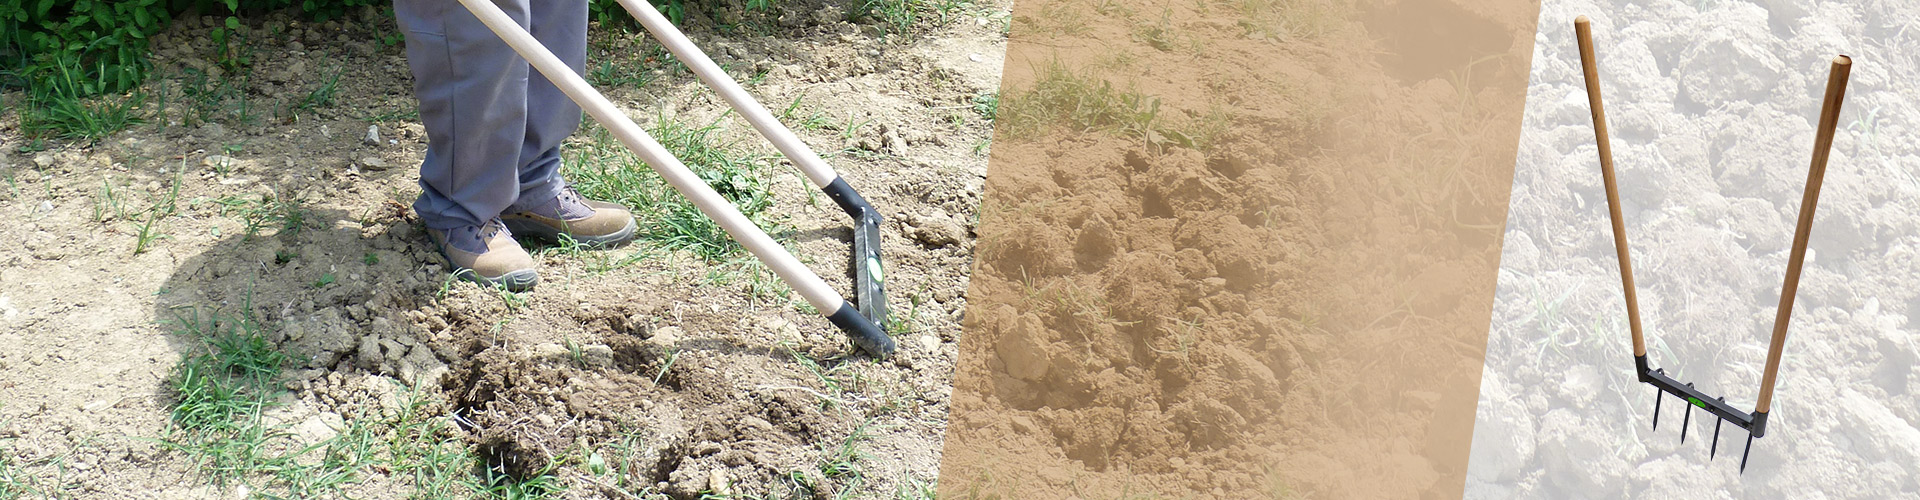 Préparez votre sol